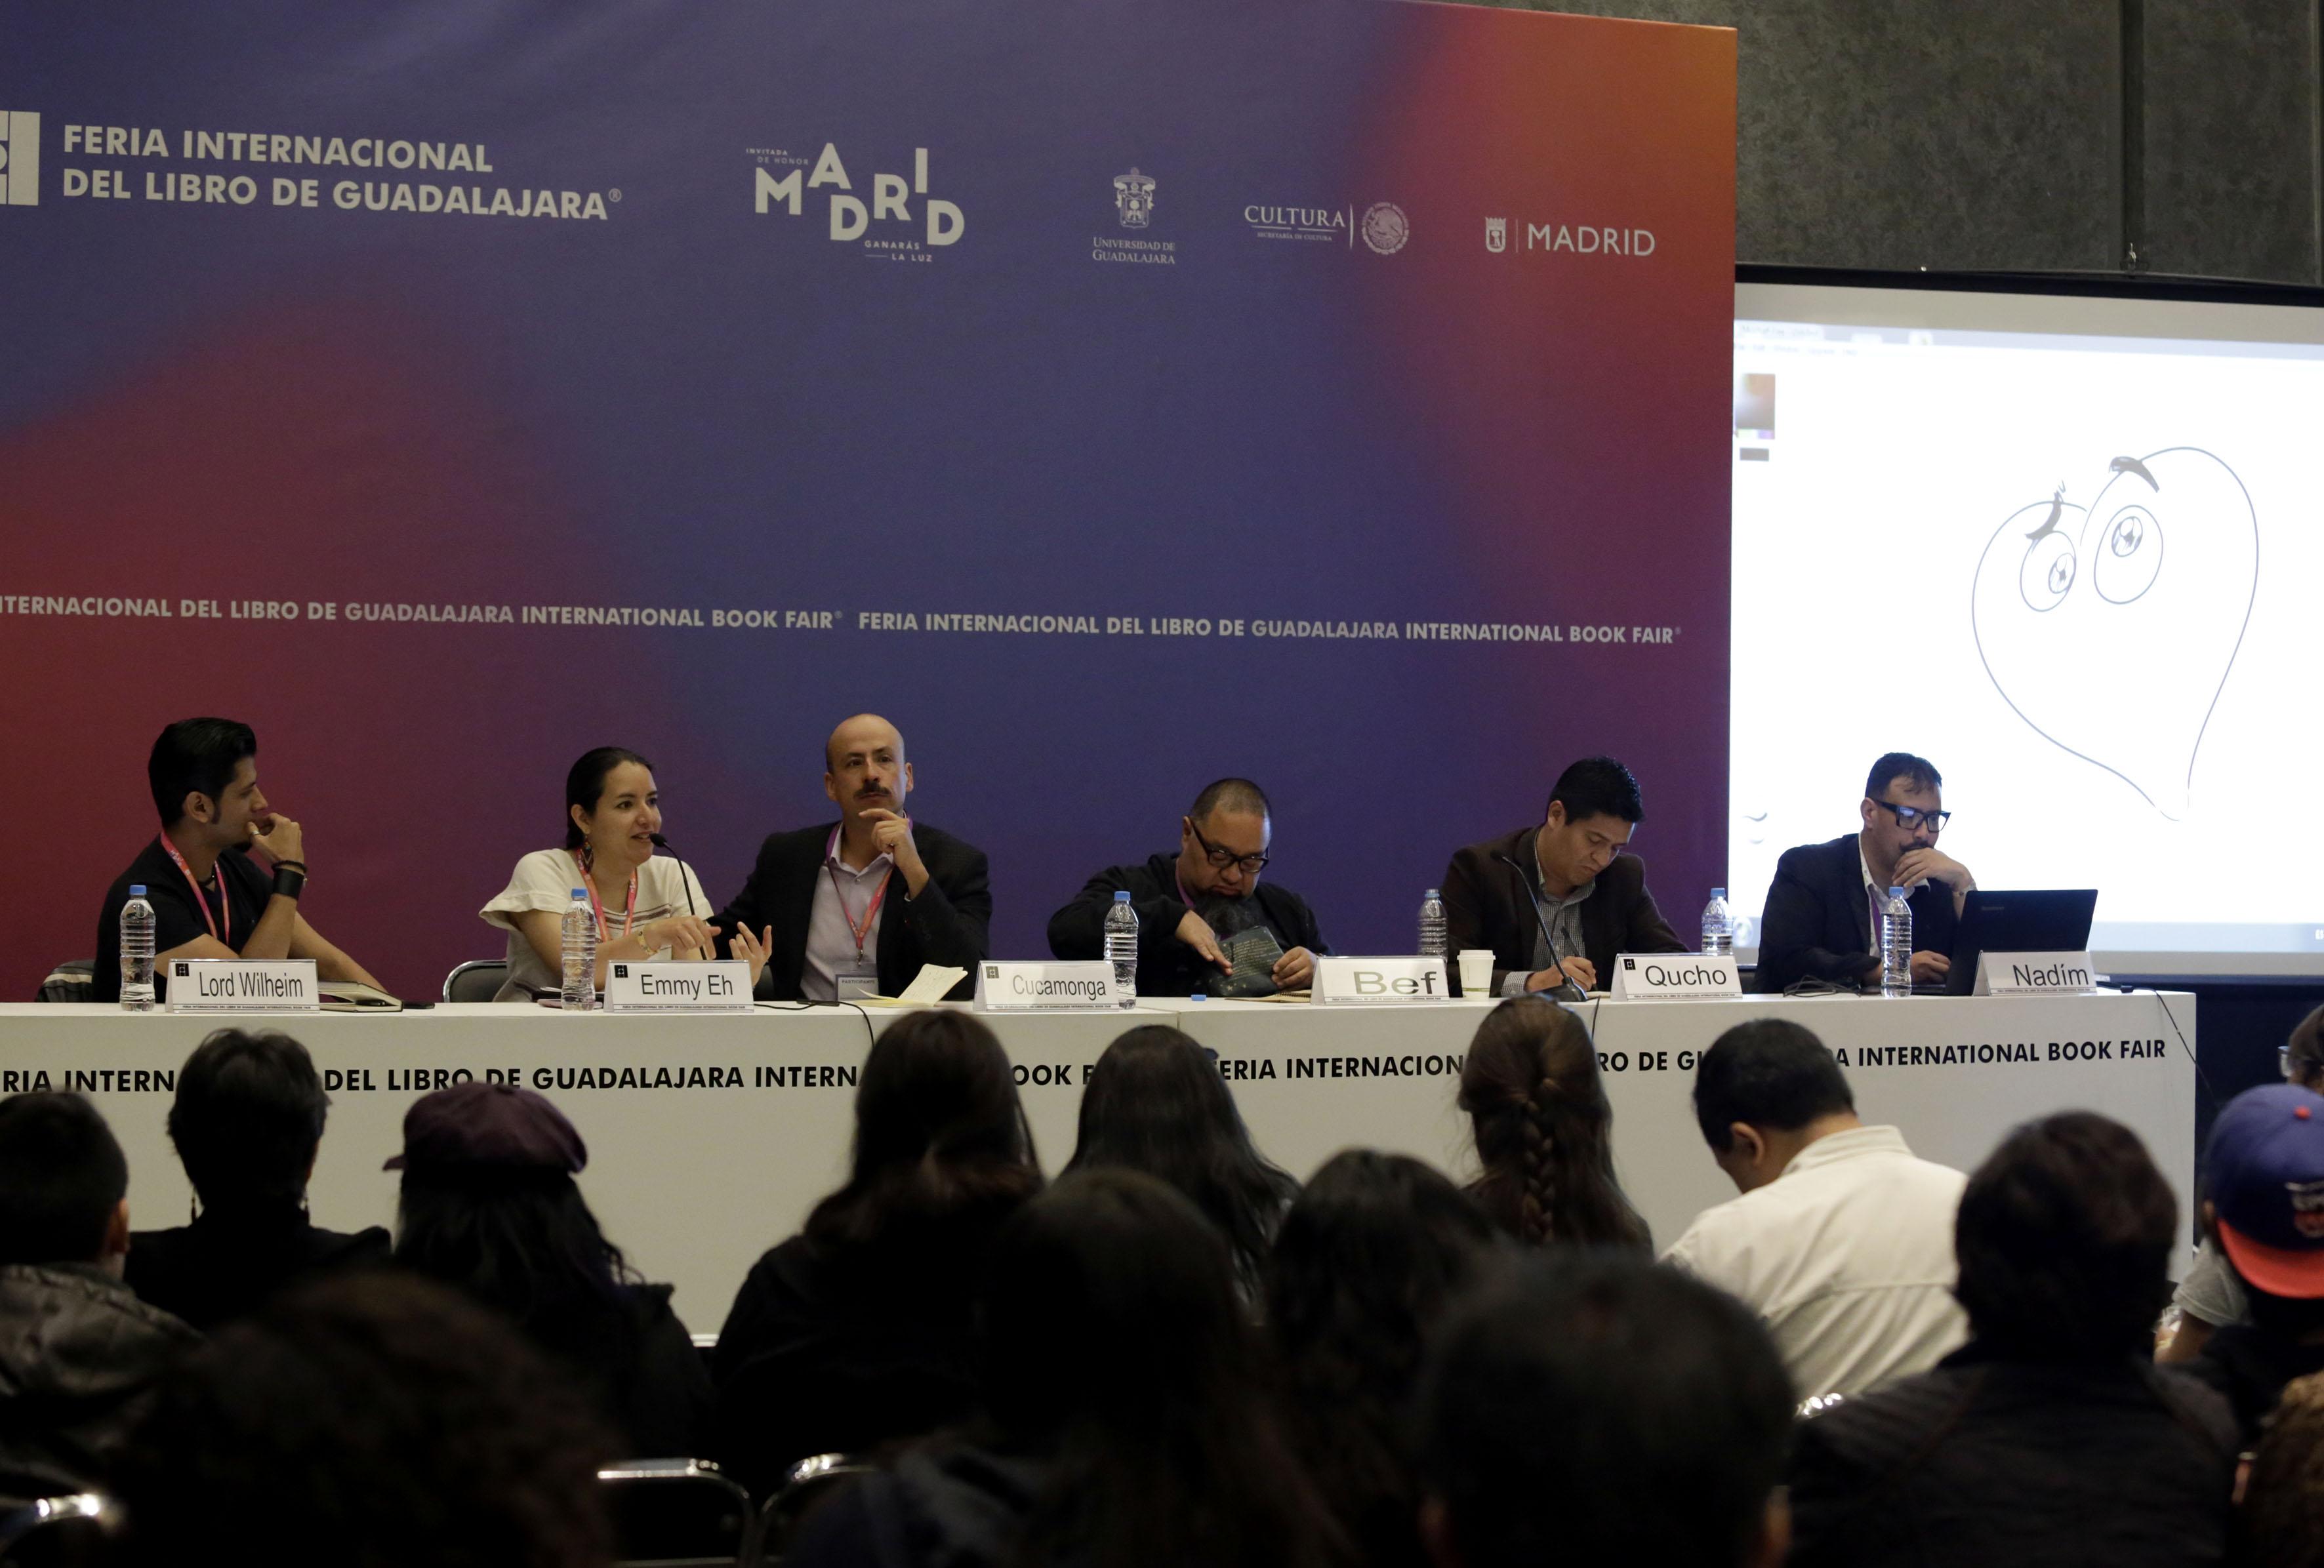 Ceremonia Inaugural del 16º Encuentro Internacional de Caricatura e Historieta, en el marco de la Feria Internacional del Libro de Guadalajara